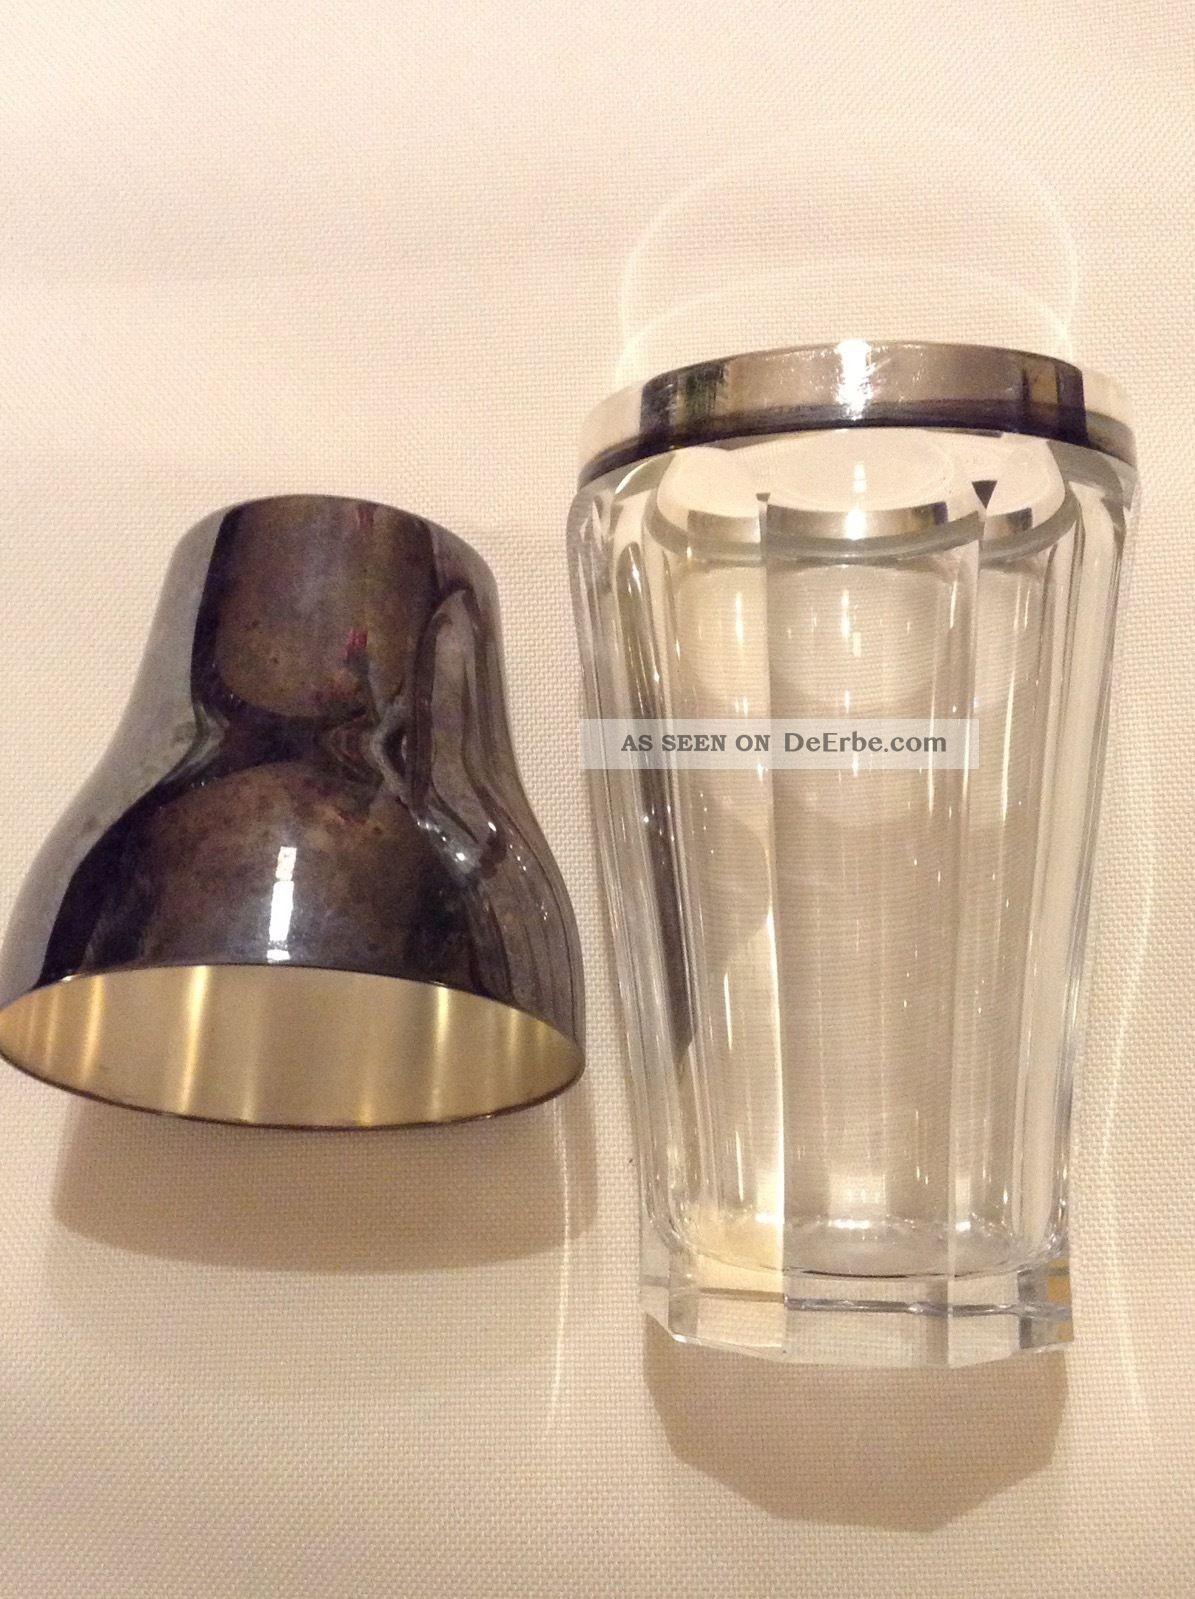 Antik Wmf Cocktail Mixer Shaker Kristall Silber Versilbert Selten Sammler Kristall Bild